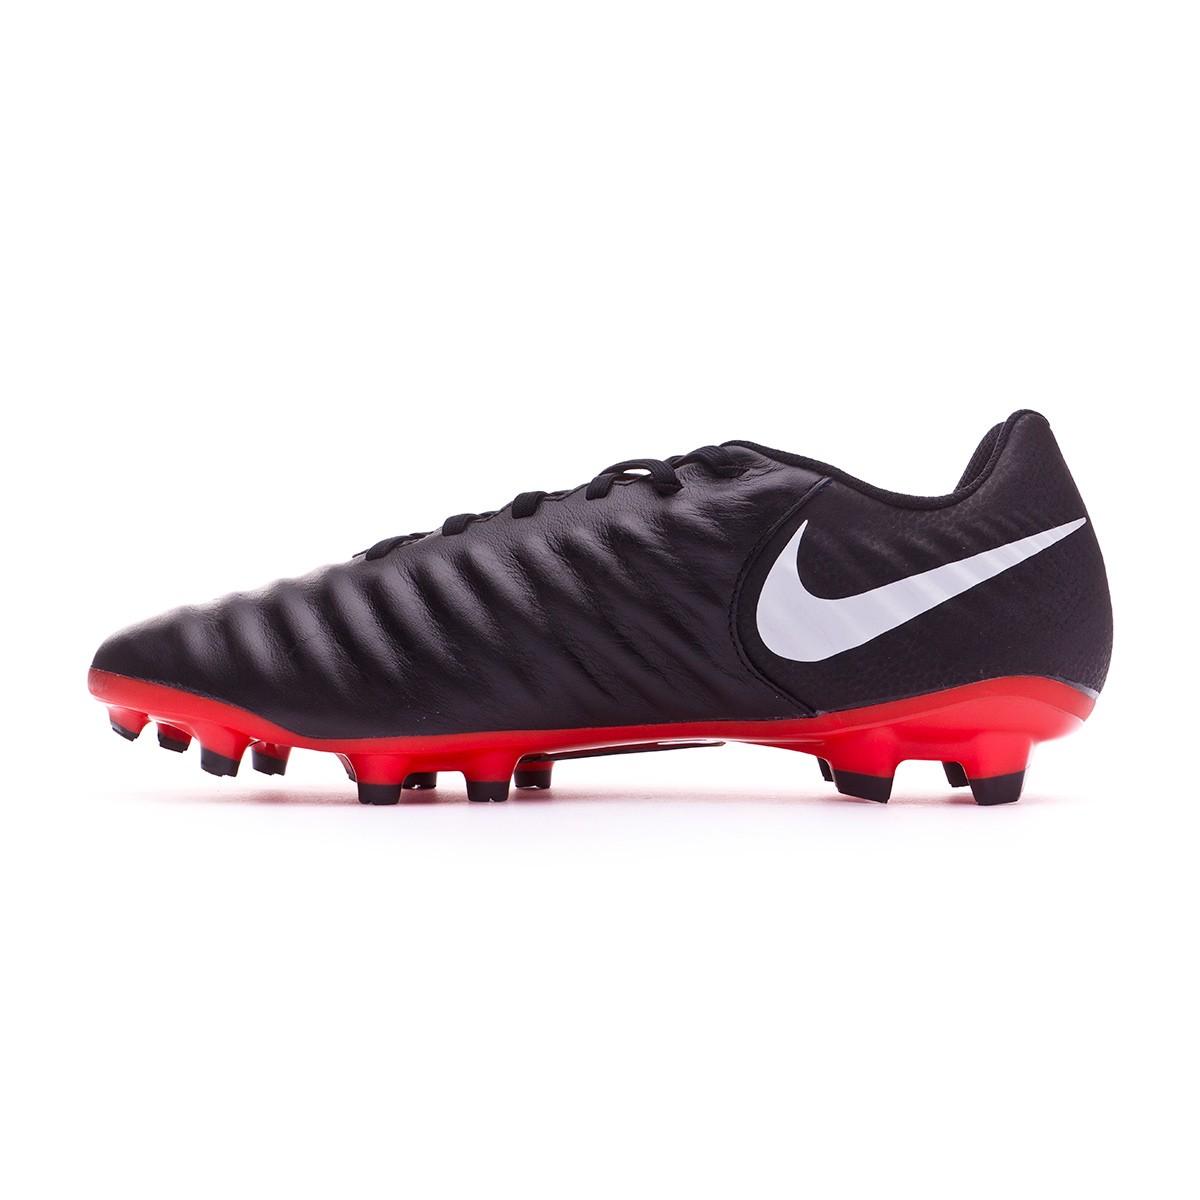 Funcionar mesa Microordenador  Zapatos de fútbol Nike Tiempo Legend VII Academy MG Black-Pure  platinum-Light crimson - Tienda de fútbol Fútbol Emotion